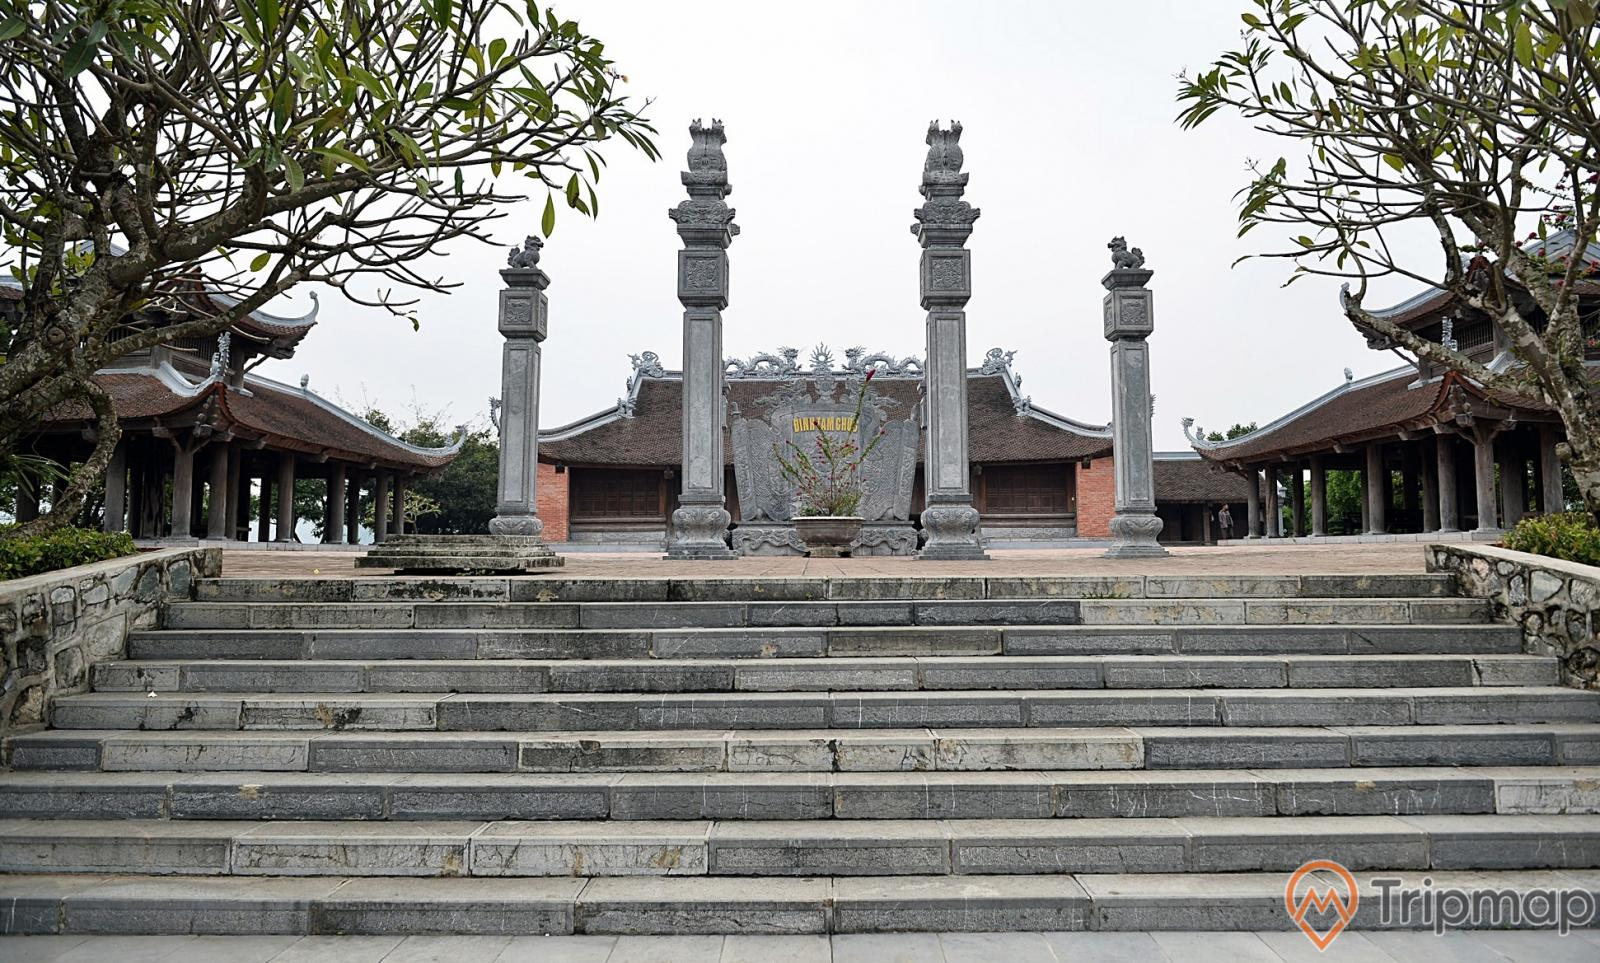 Đình Tam Chúc tại khu du lịch hồ tam chúc, bức bình phong bằng đá và tứ trụ bằng đá giữa sân đình, 2 bên bậc thềm bằng đá có 2 cây sứ, bầu trời nhiều mây, ảnh chụp ngoài trời